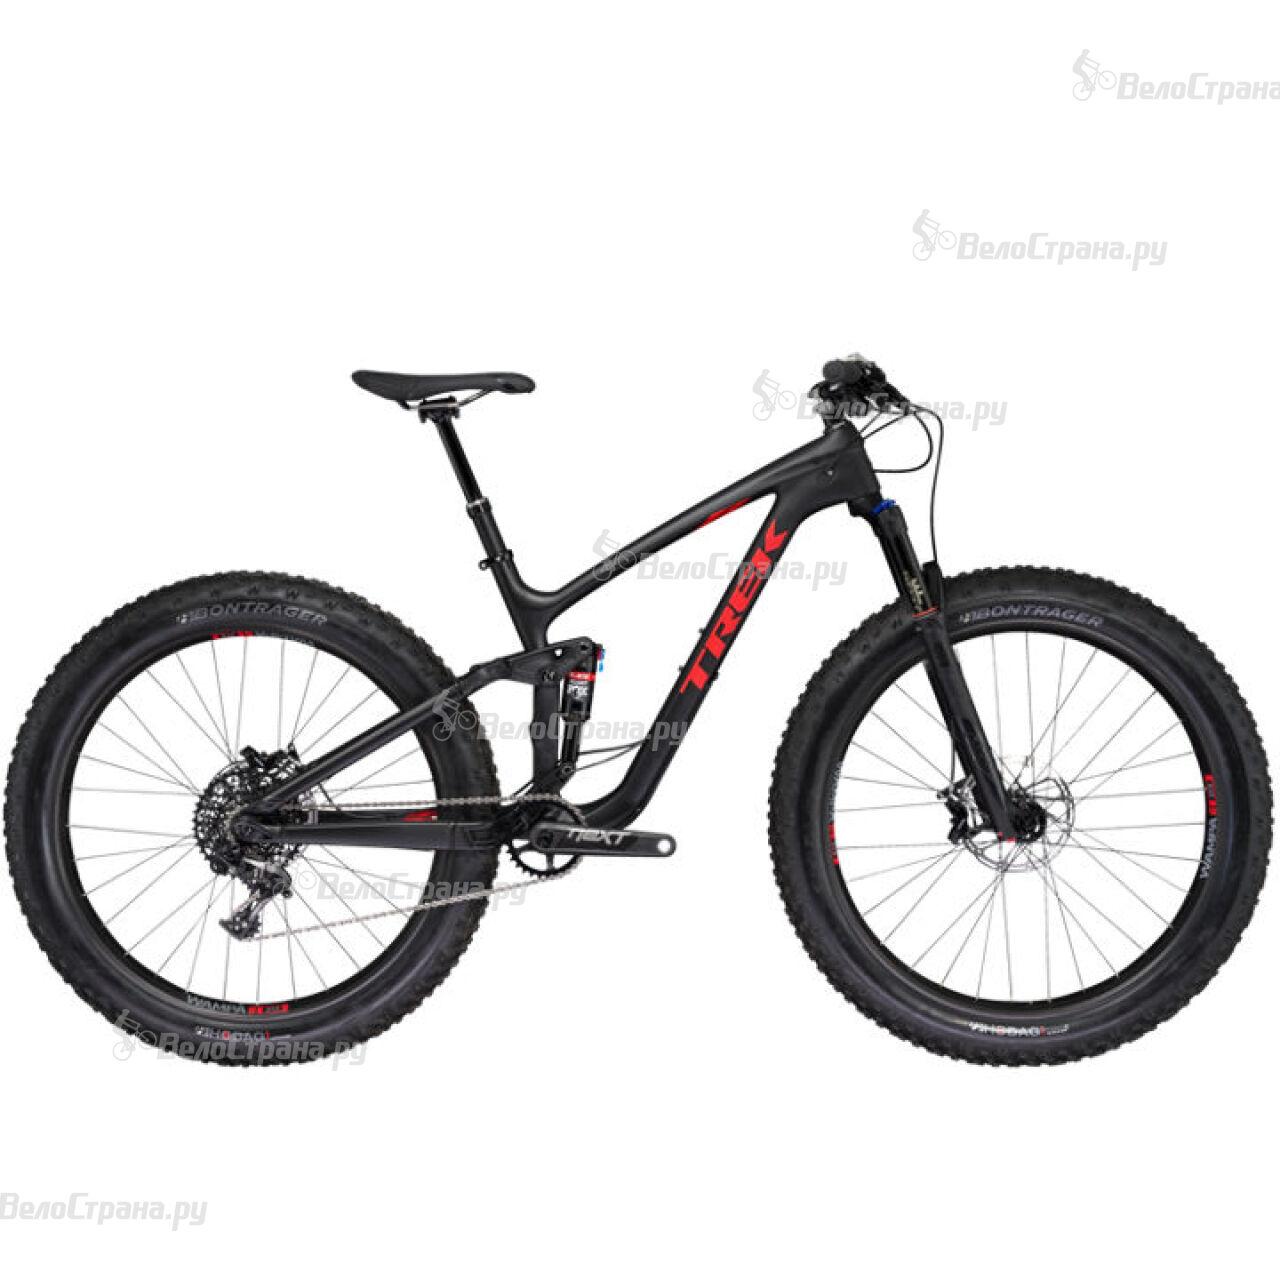 Велосипед Trek Farley EX 9.8 (2017) велосипед trek fuel ex 9 29 2017